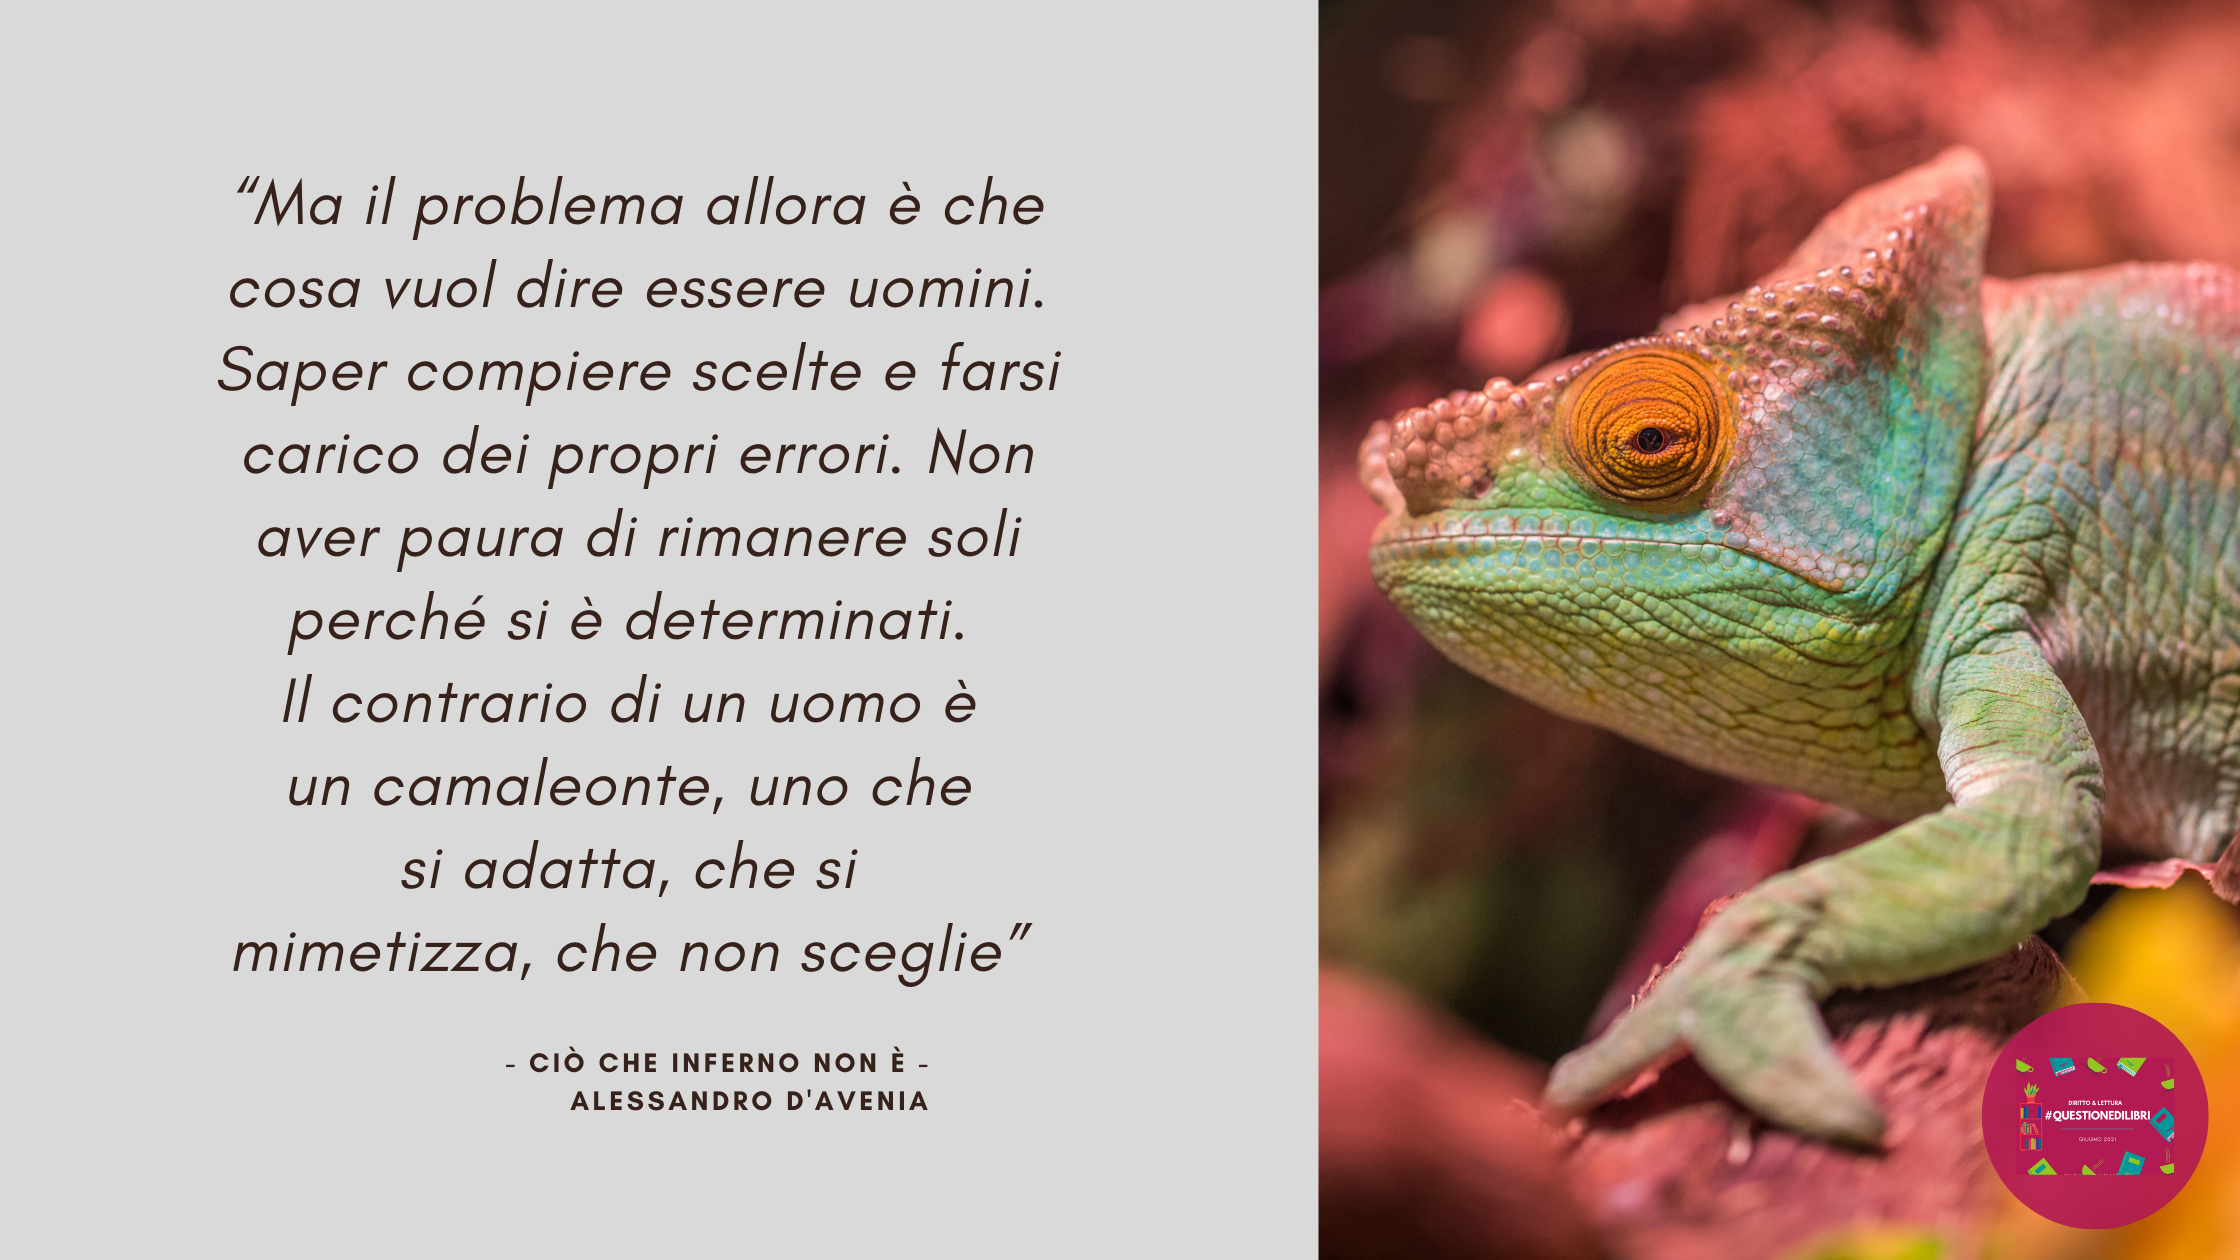 #Questionedilibri, giugno 2021. Ciò che inferno non è, di Alessandro D'Avenia.